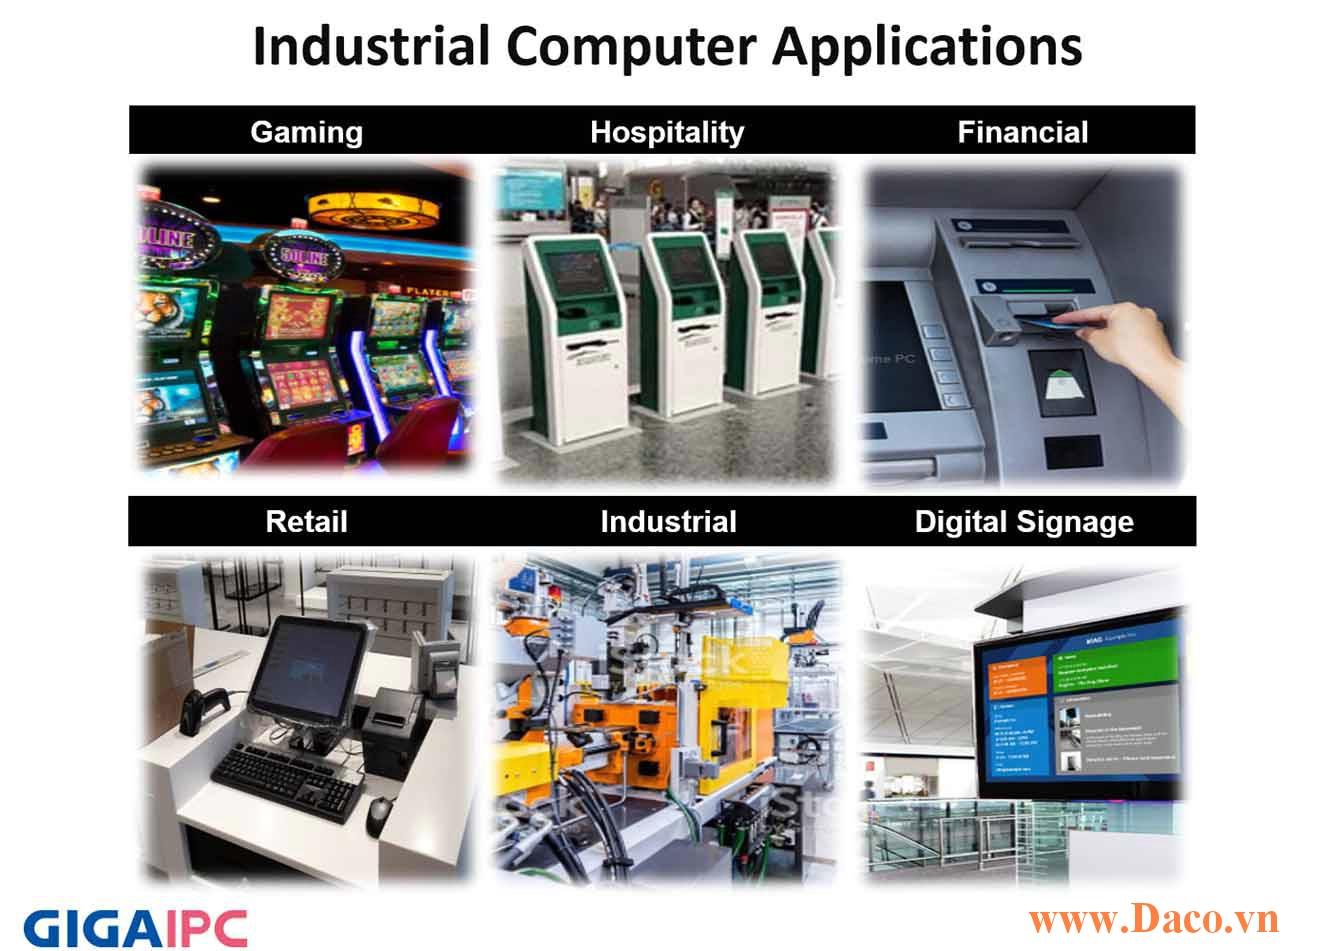 Đặc điểm, Giải pháp, Ứng dụng Hệ thống sản phẩm máy tính công nghiệp GigaIPC